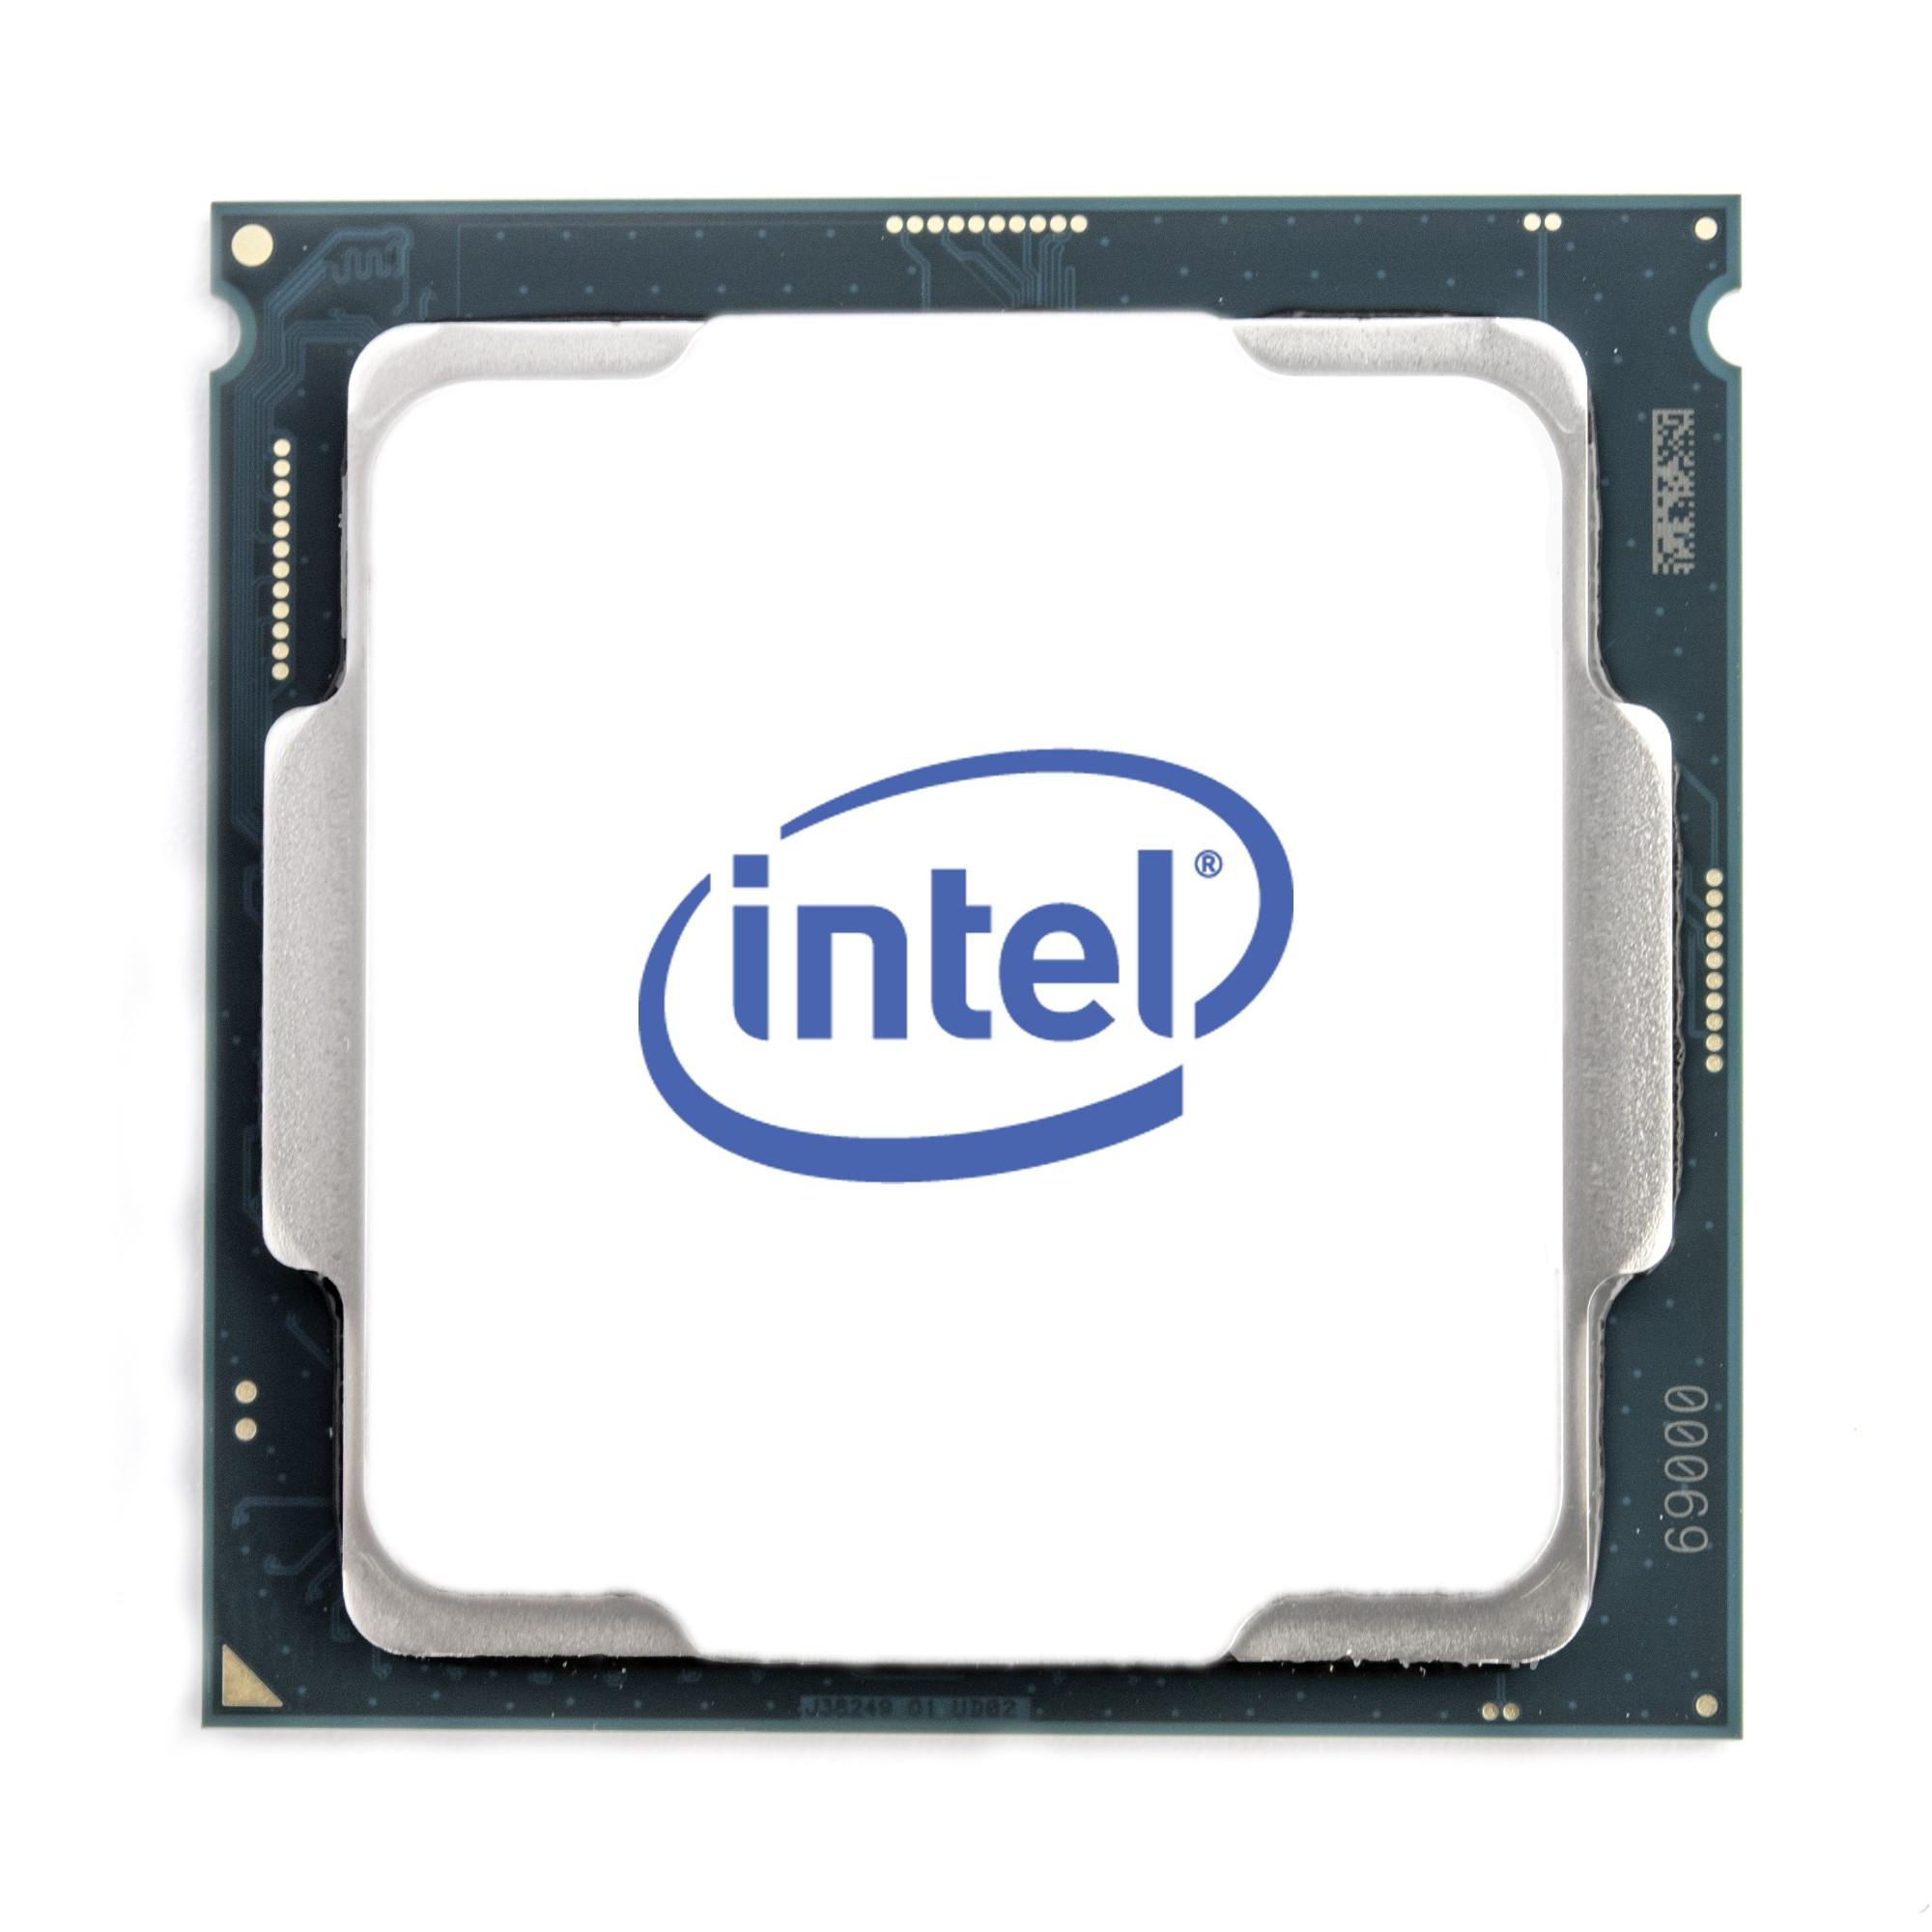 Intel Core i5-10600K processor 4.1 GHz 12 MB Smart Cache Box